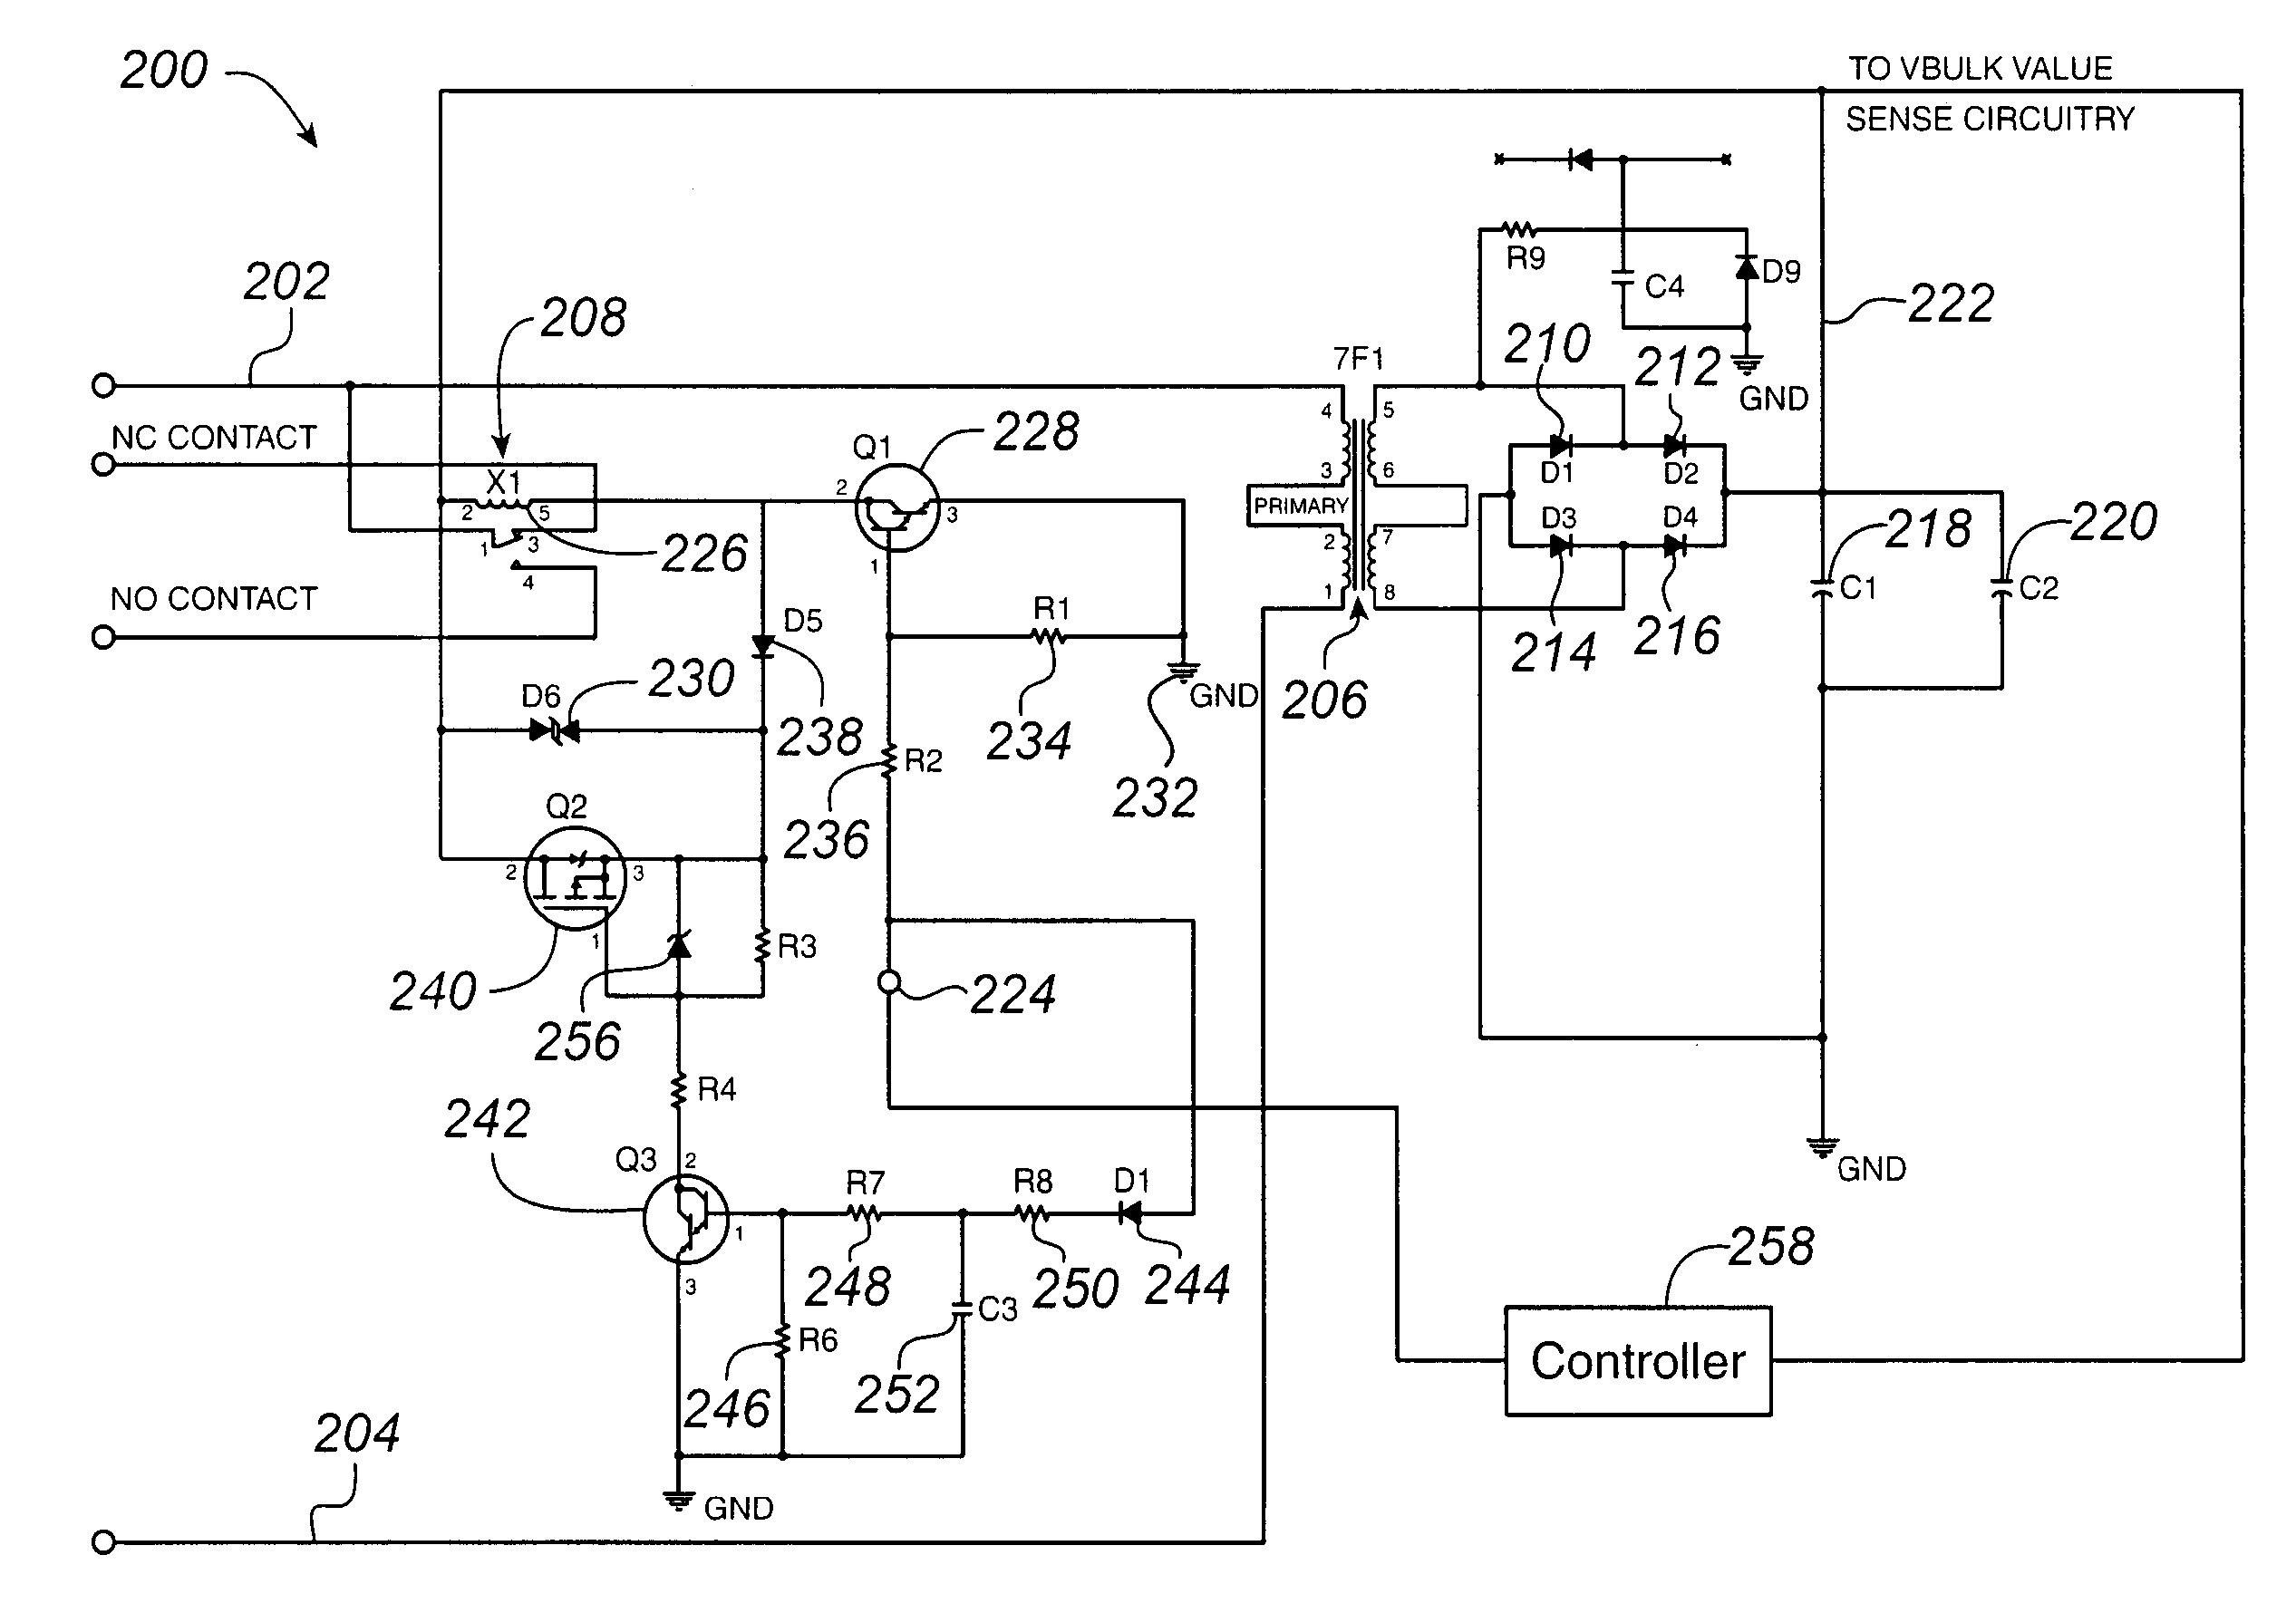 Paragon Timer Wiring Diagram Diagram Timer Carrier Wiring Defrost 38cq660 Wiring Diagram forward Of Paragon Timer Wiring Diagram